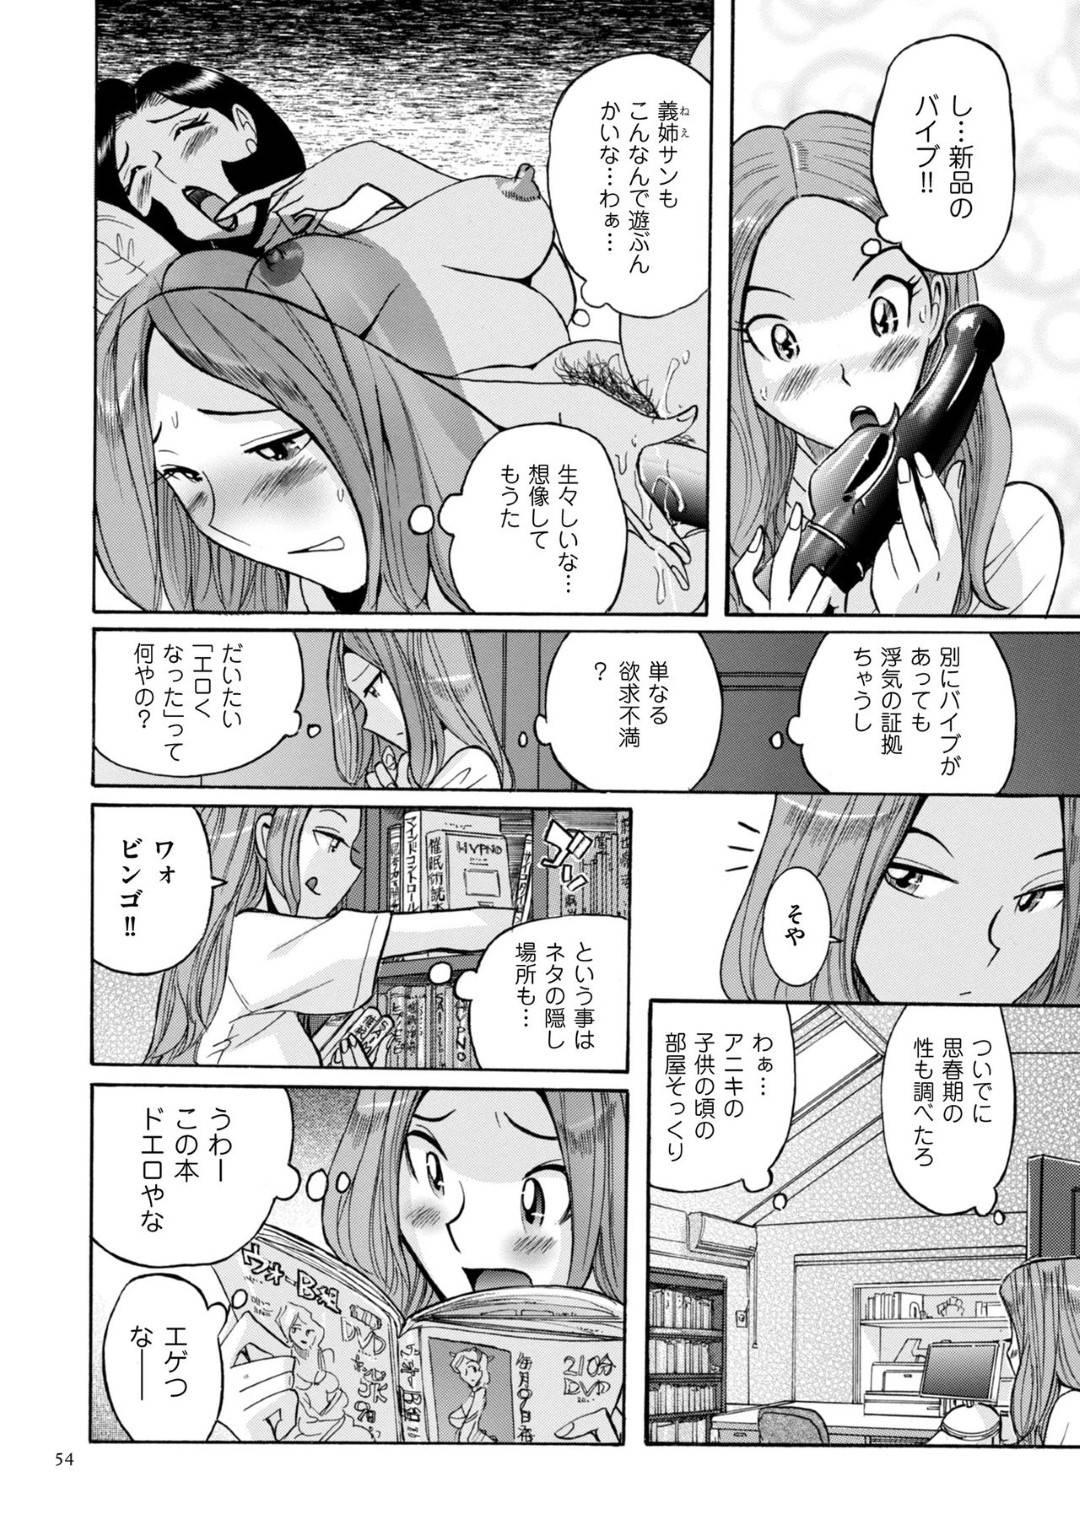 【エロ漫画】爆乳にラムネが挟まって取れないし薬漬けになっているお姉さん…乳首責めからのキスされたりして中出しセックスしちゃう!【コバヤシテツヤ:ほたるさんとラムネと 】